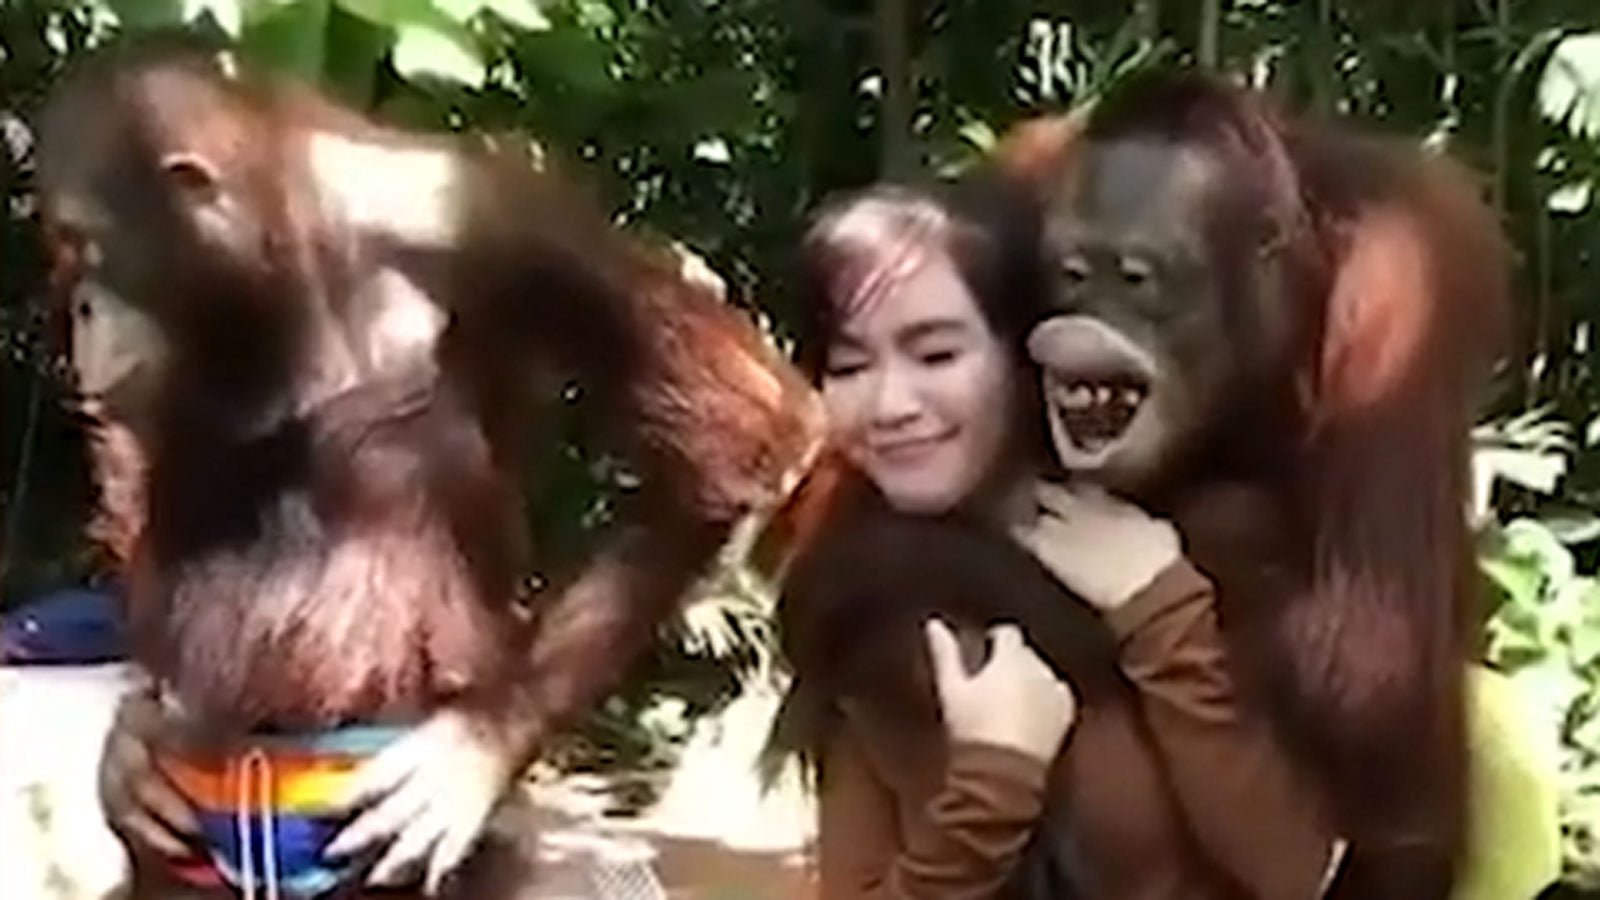 Touristin posiert mit Affen - plötzlich greift das Tier an die Brust